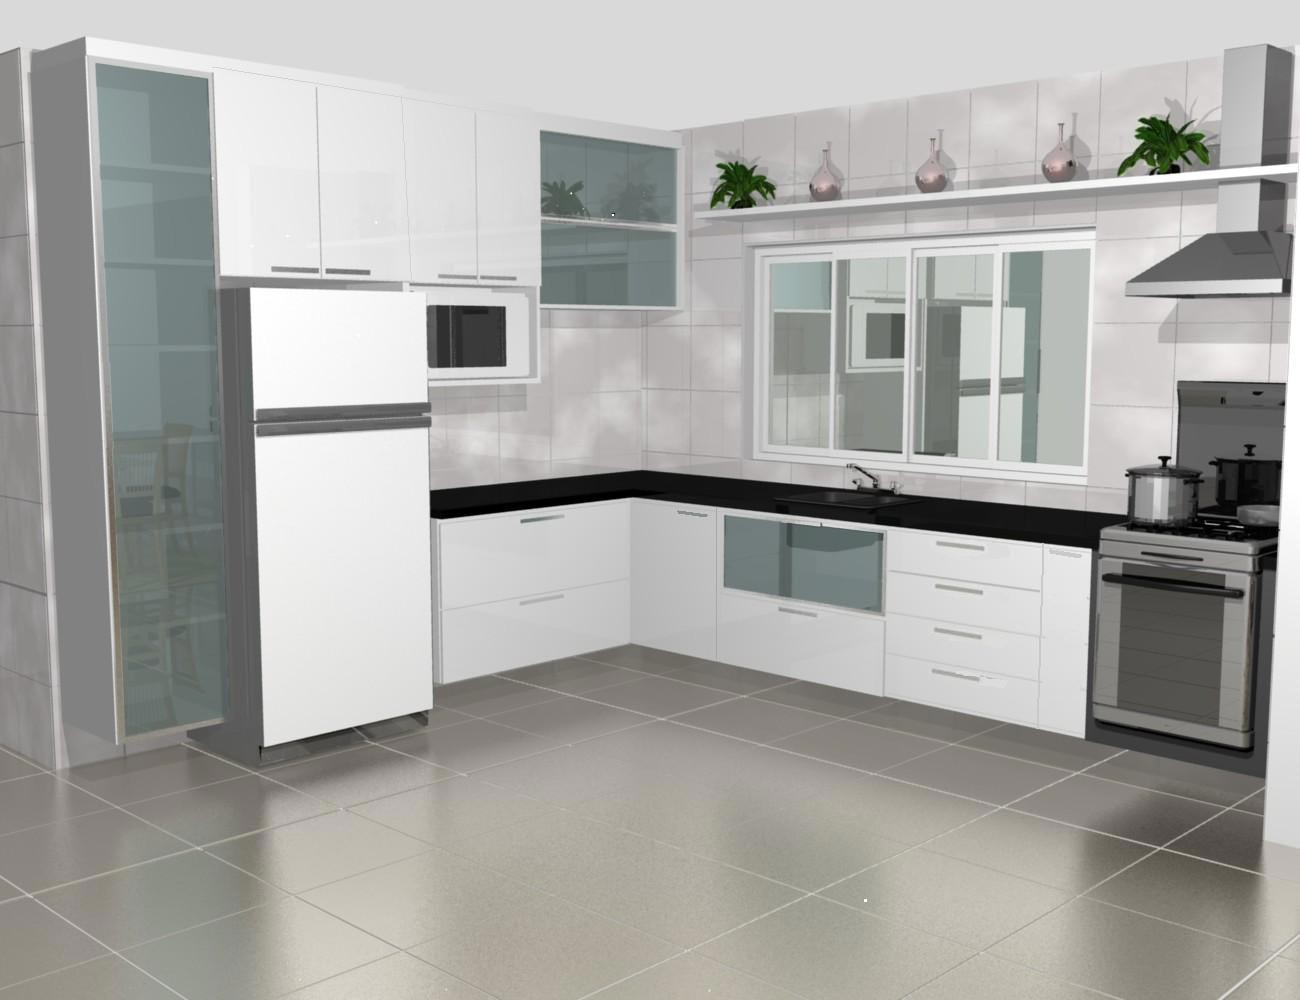 Fotos De Cozinha Planejada Para Apartamento